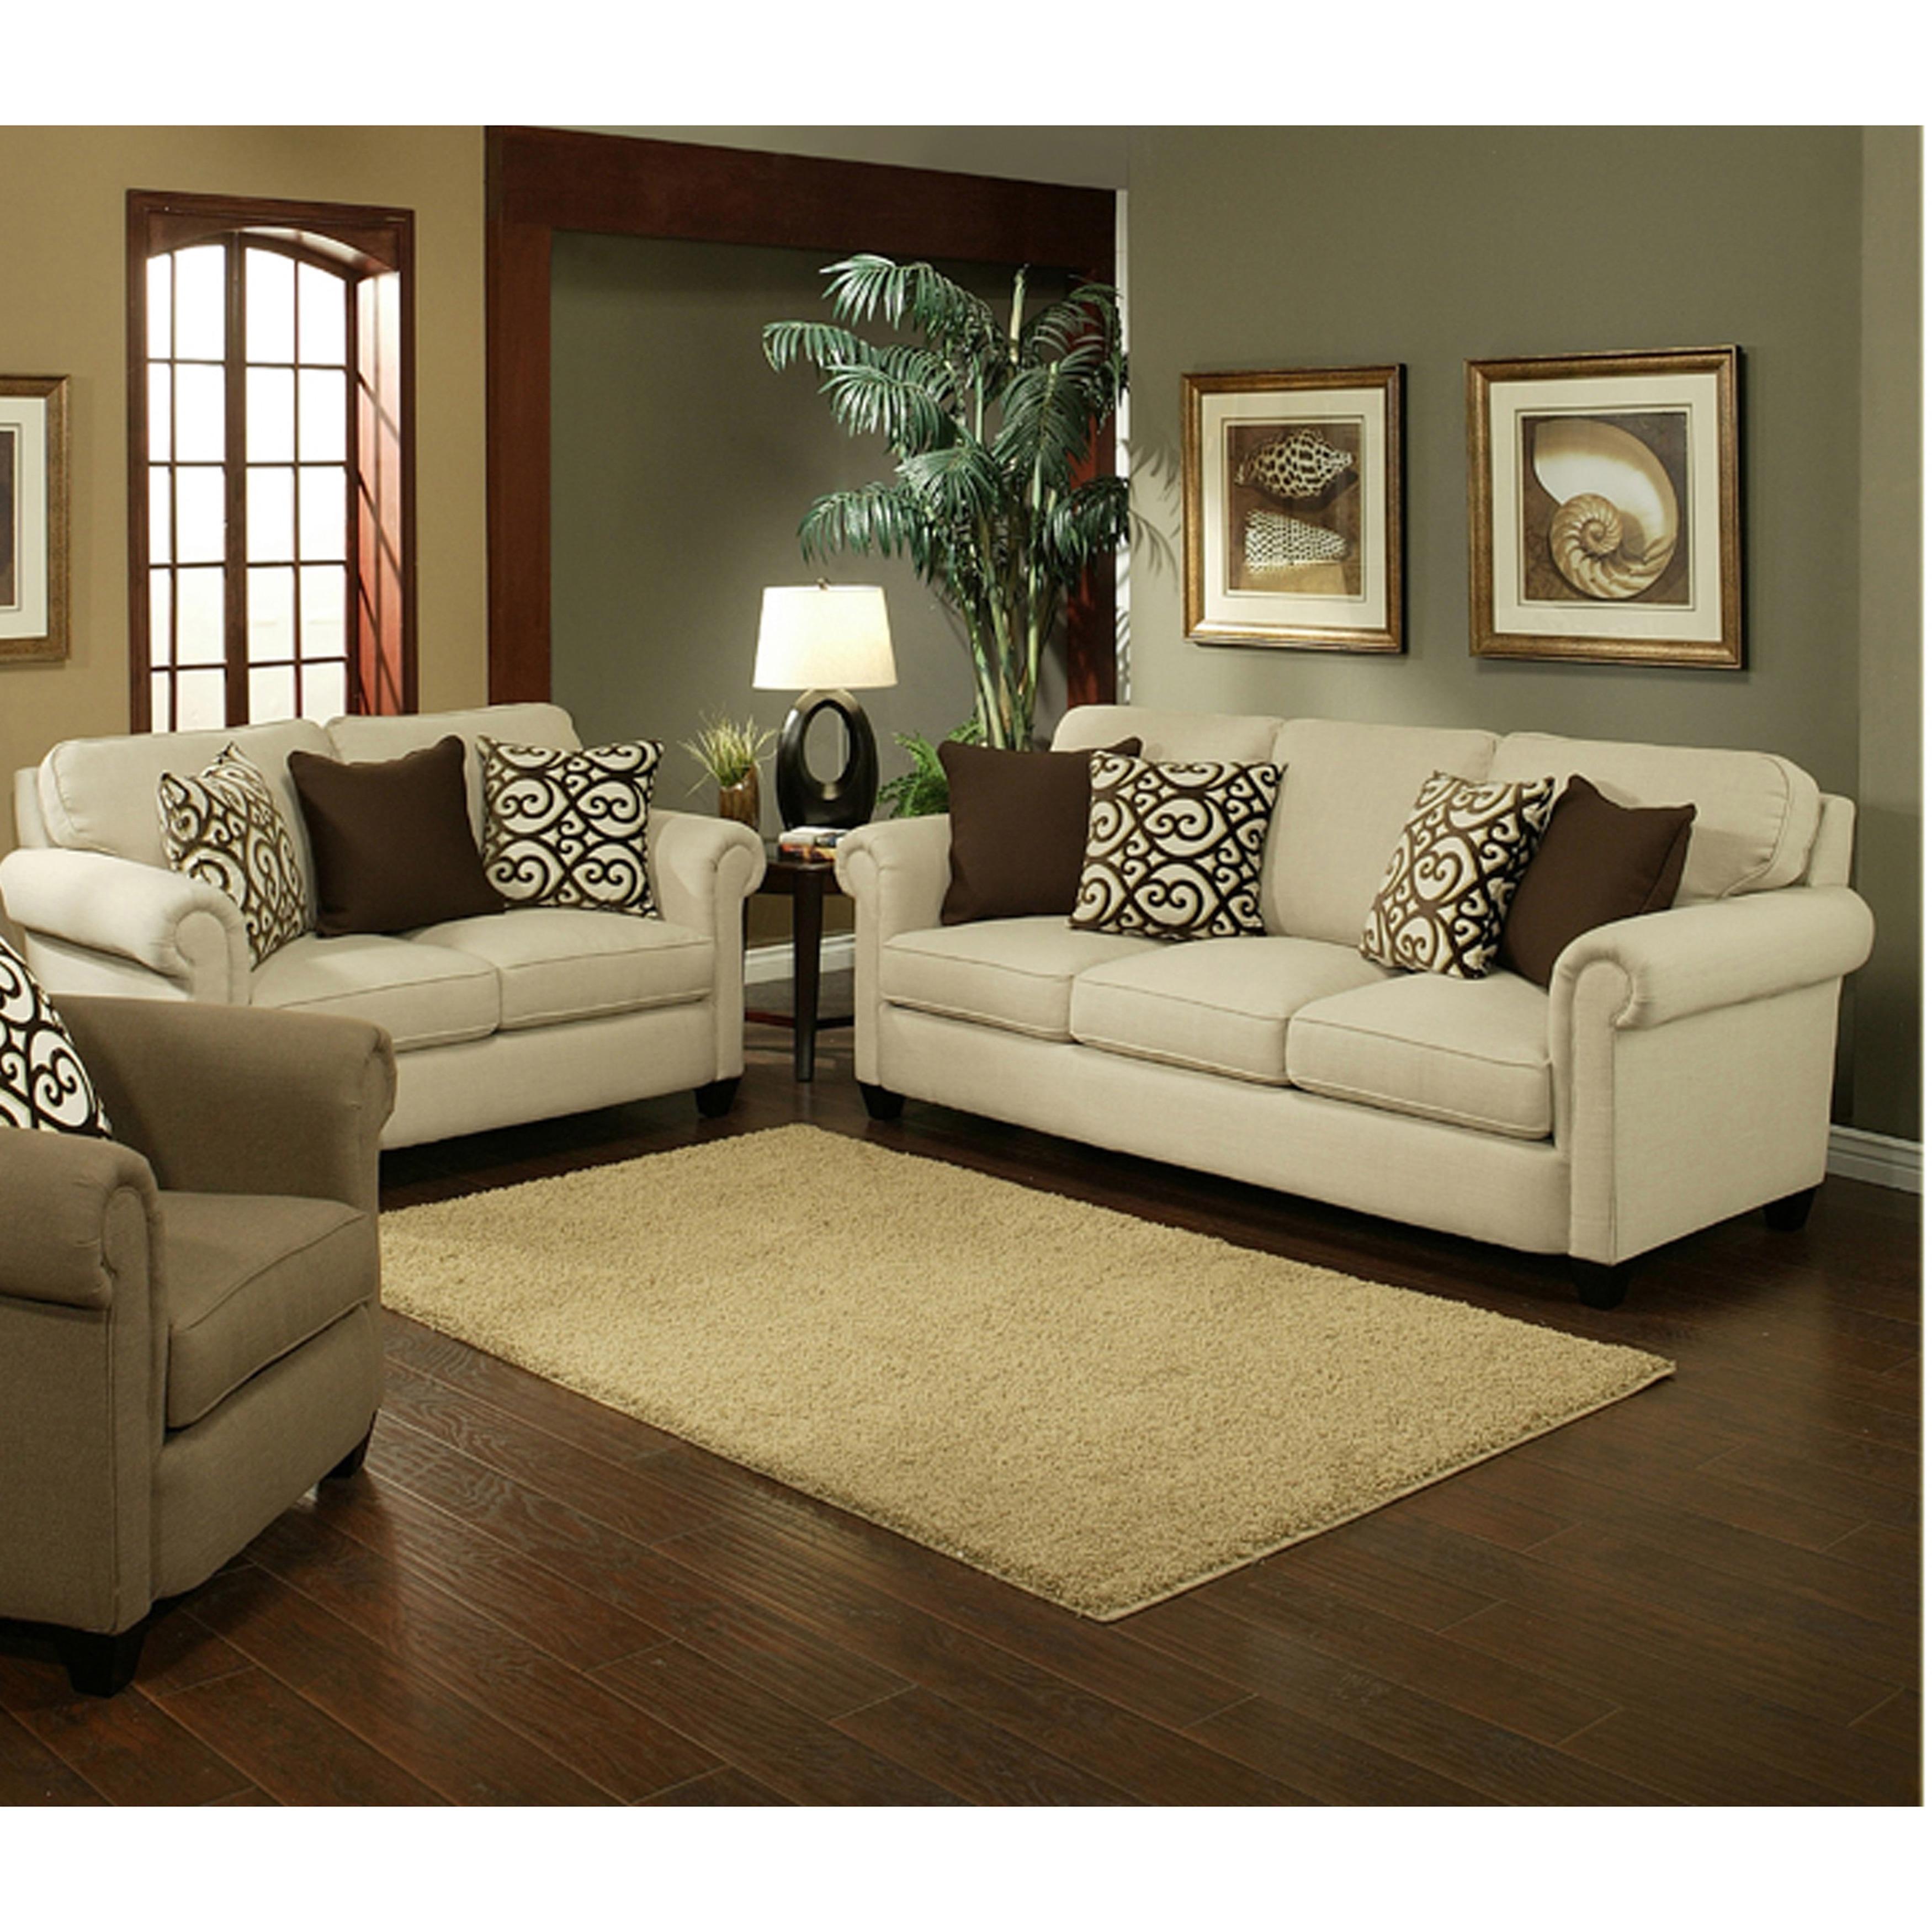 Furniture of America Bellissa Elegant Chenille 2-Piece Sofa Set